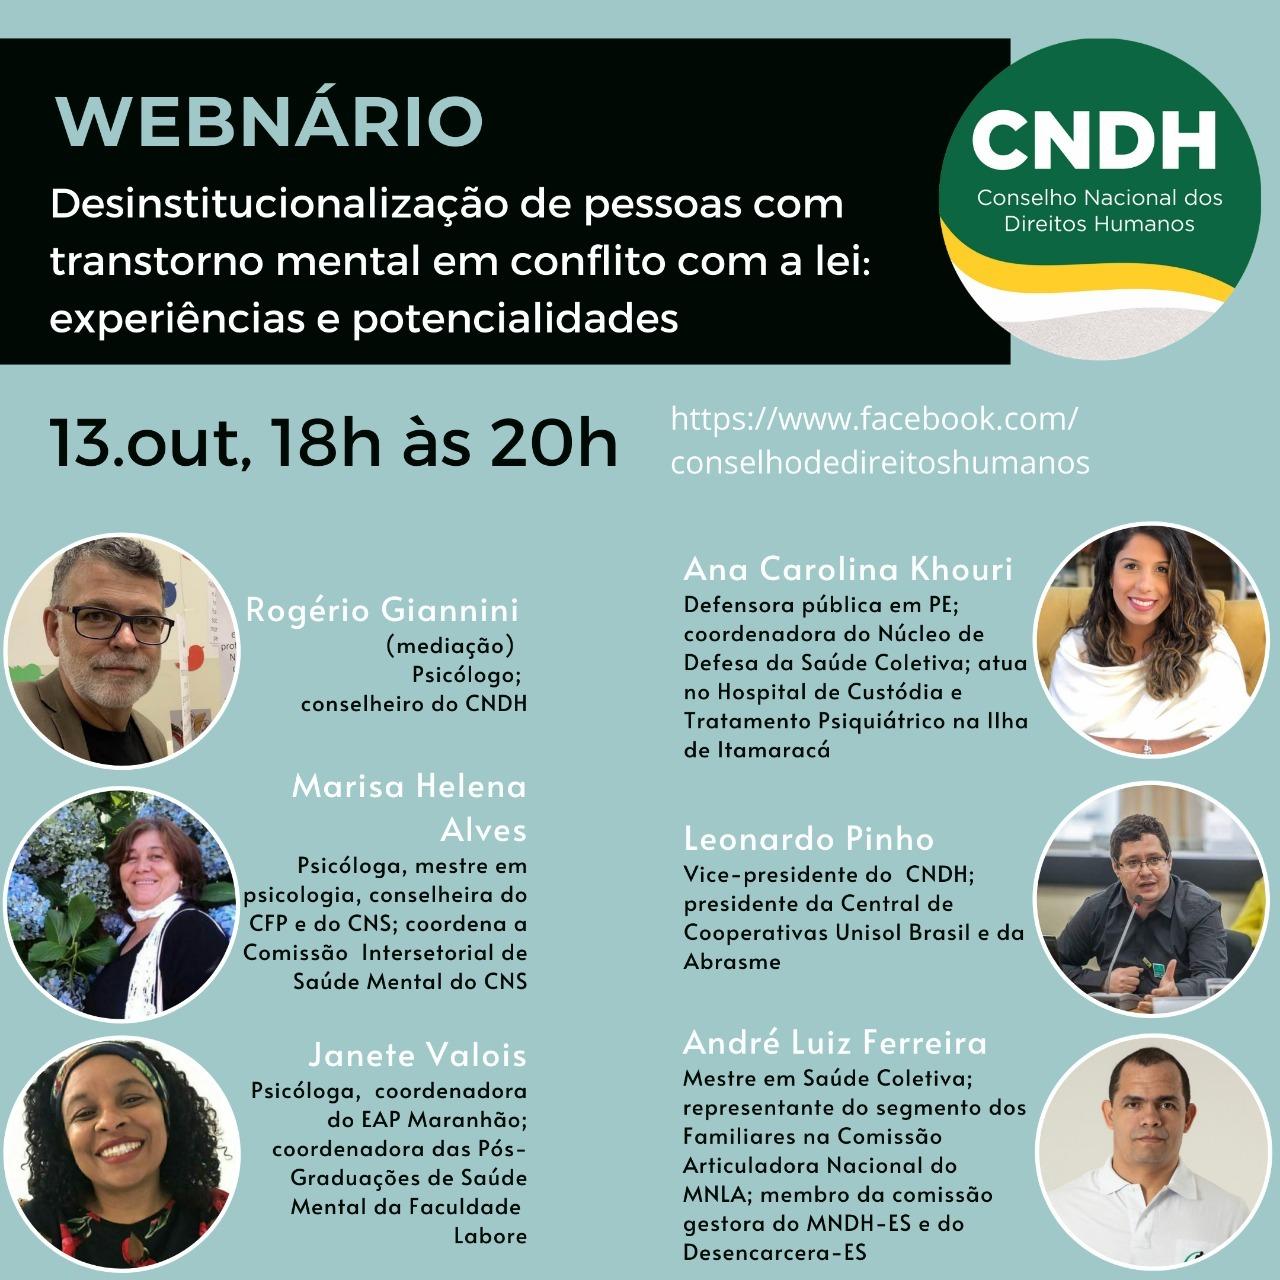 Diretores da ABRASME participam de Webnário do CNDH